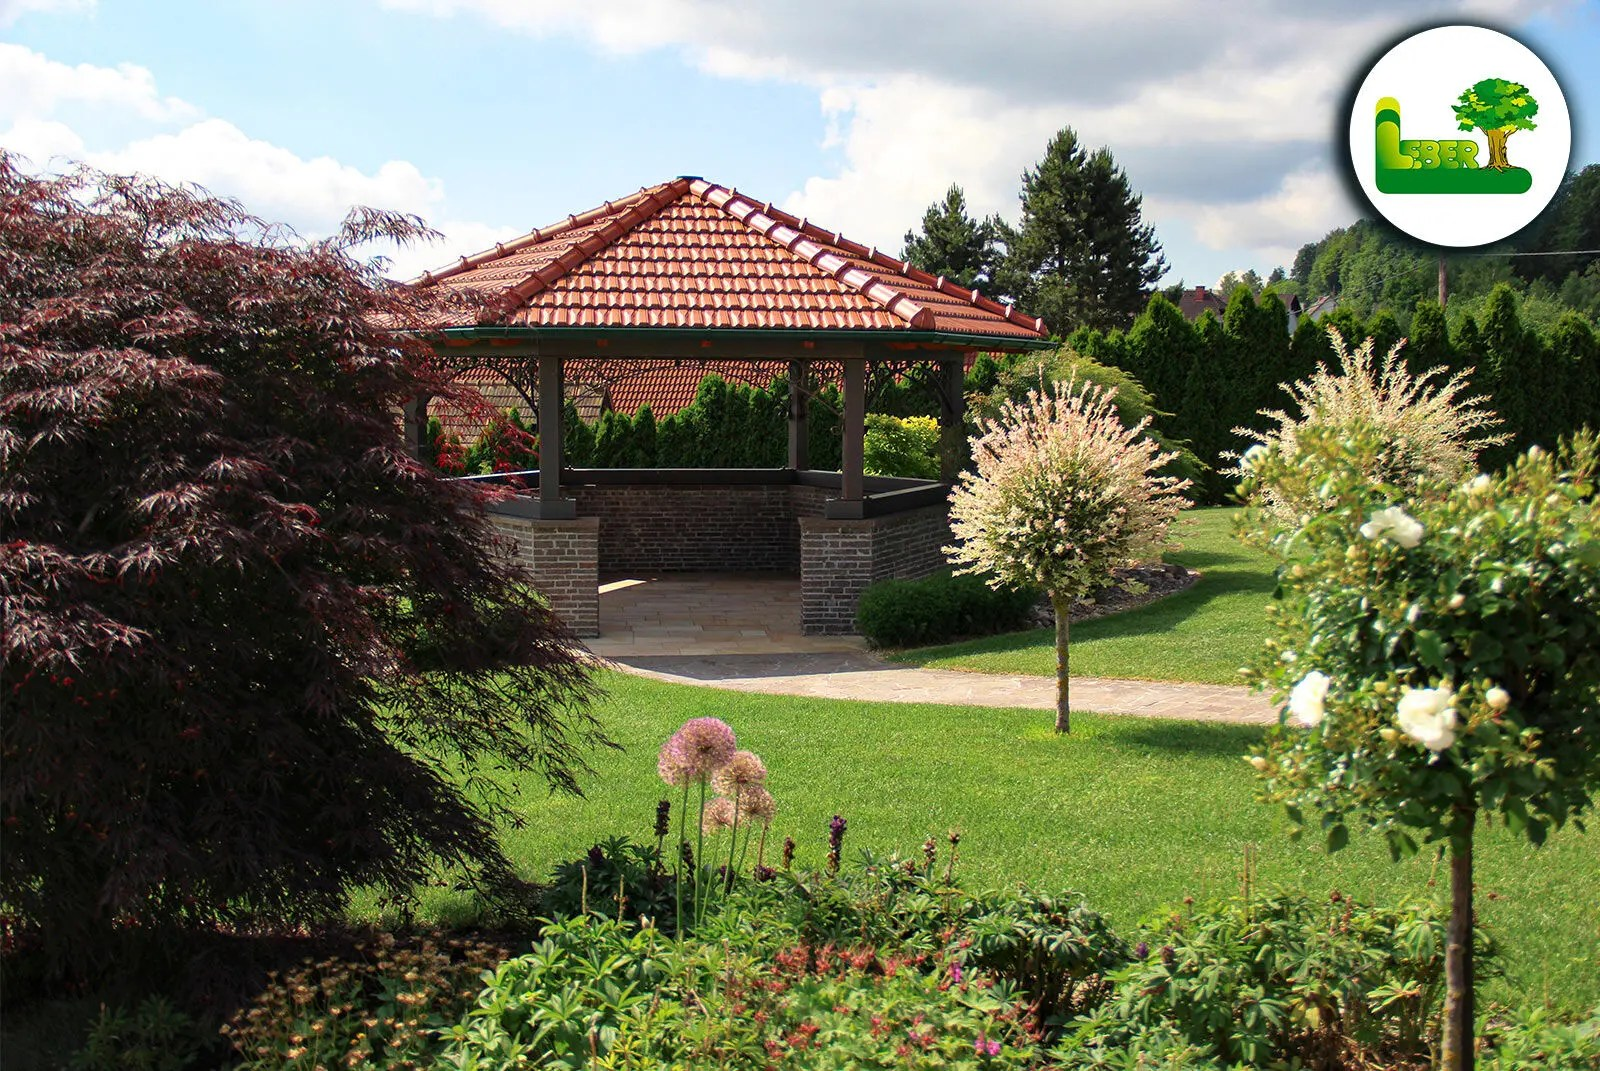 roter Fächerahorn im Garten mit Pavillon im Hintergrund.